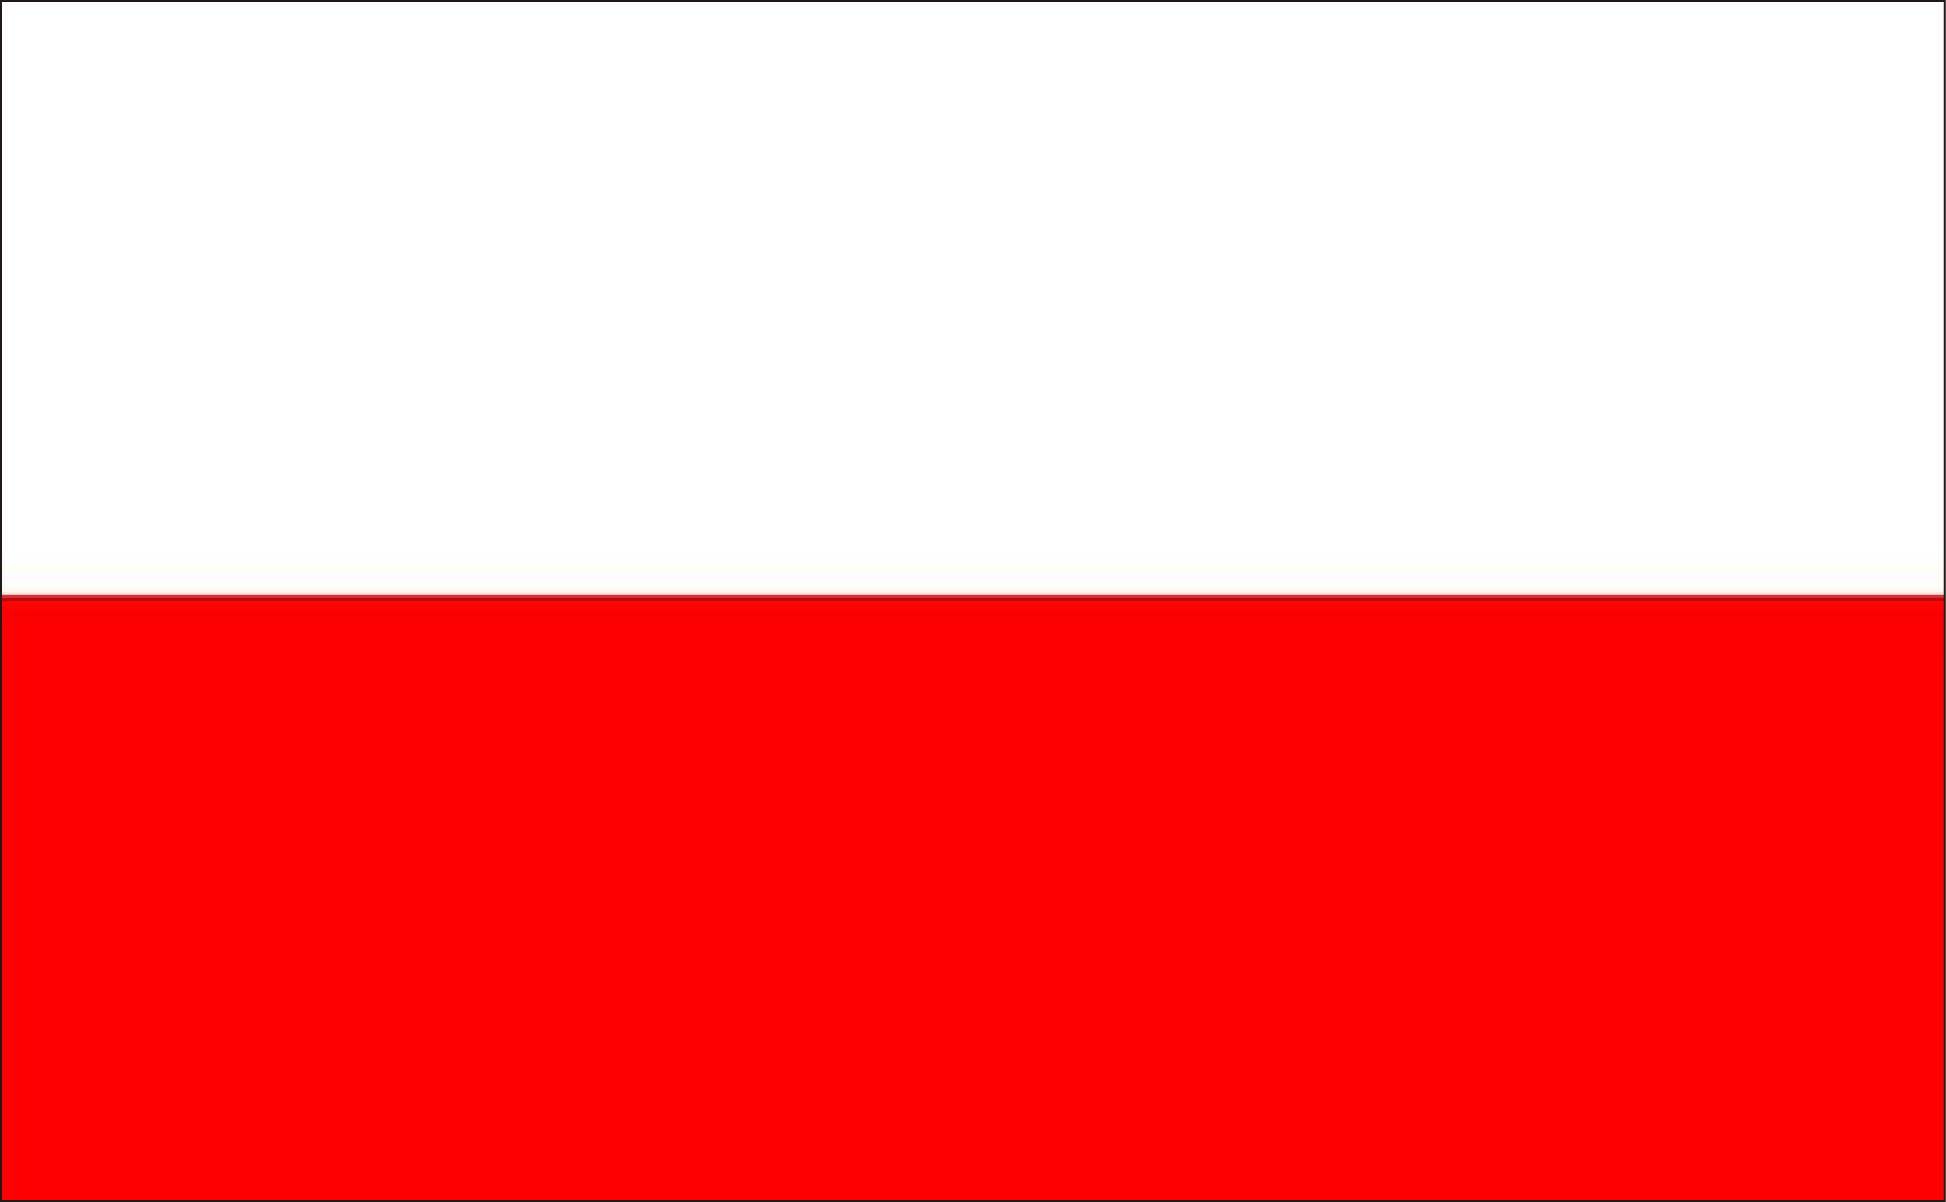 天津代办波兰旅游签证